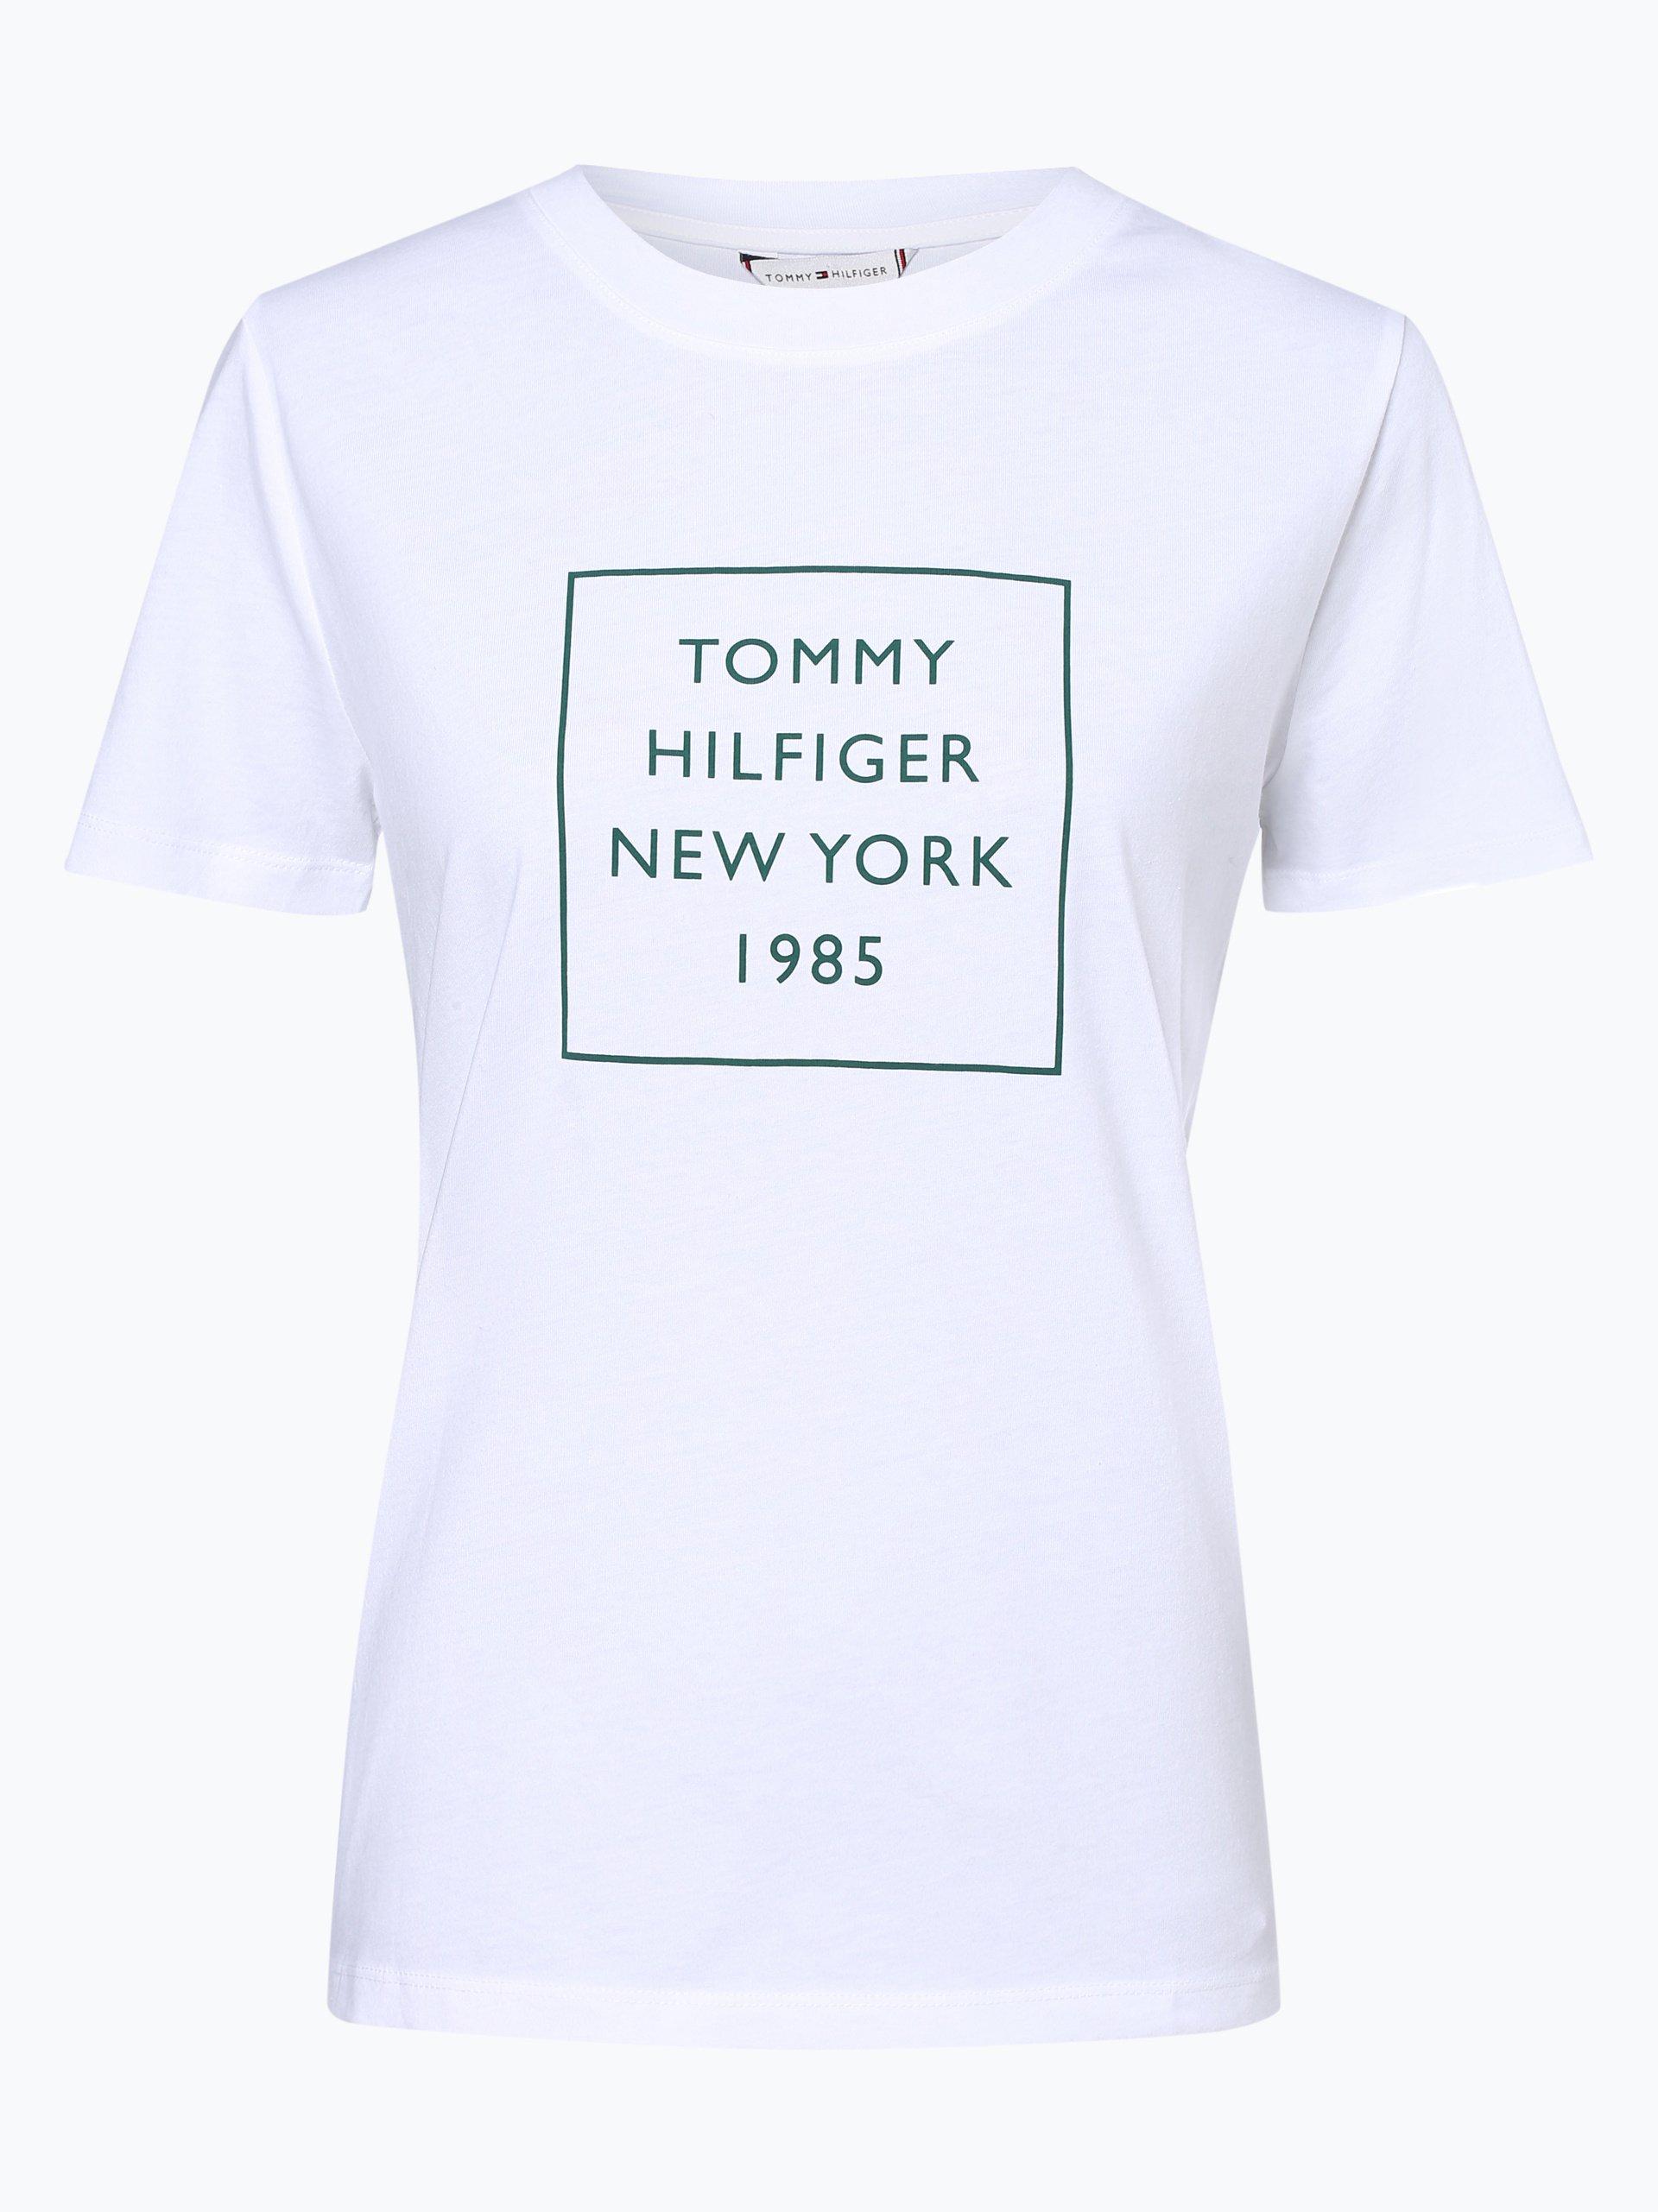 tommy hilfiger damen t shirt online kaufen peek und. Black Bedroom Furniture Sets. Home Design Ideas